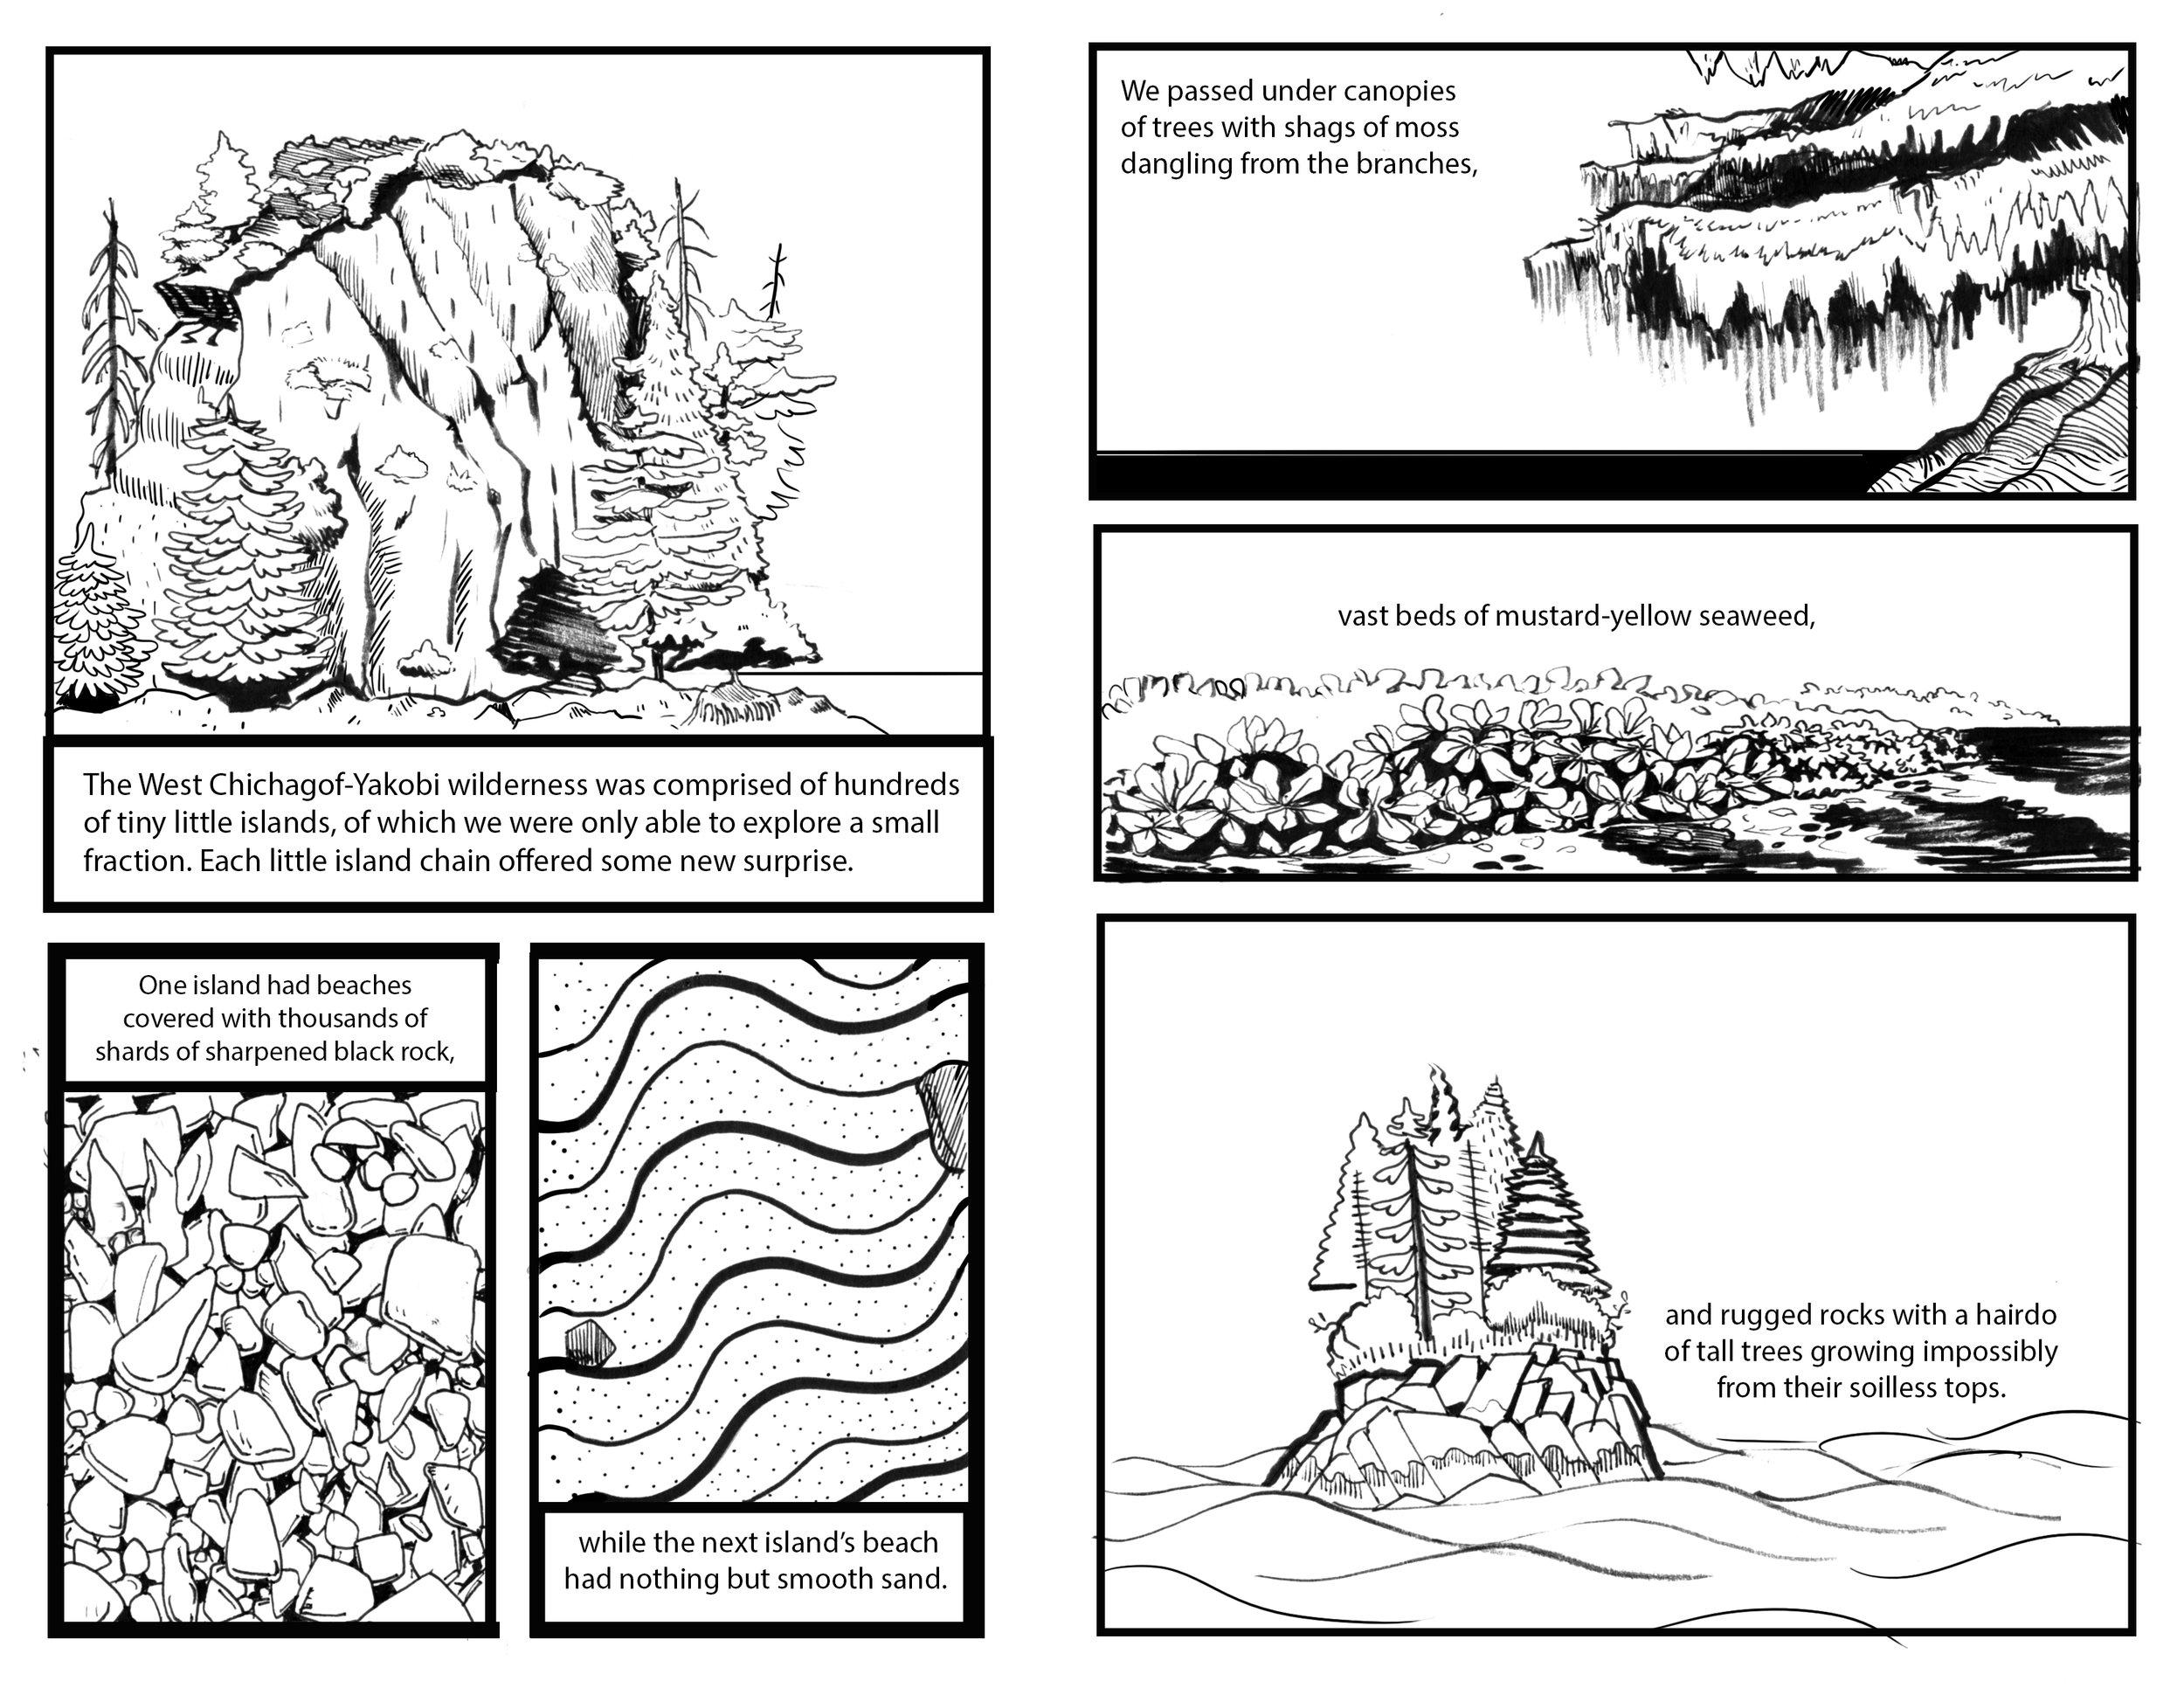 pg 10-11.jpg